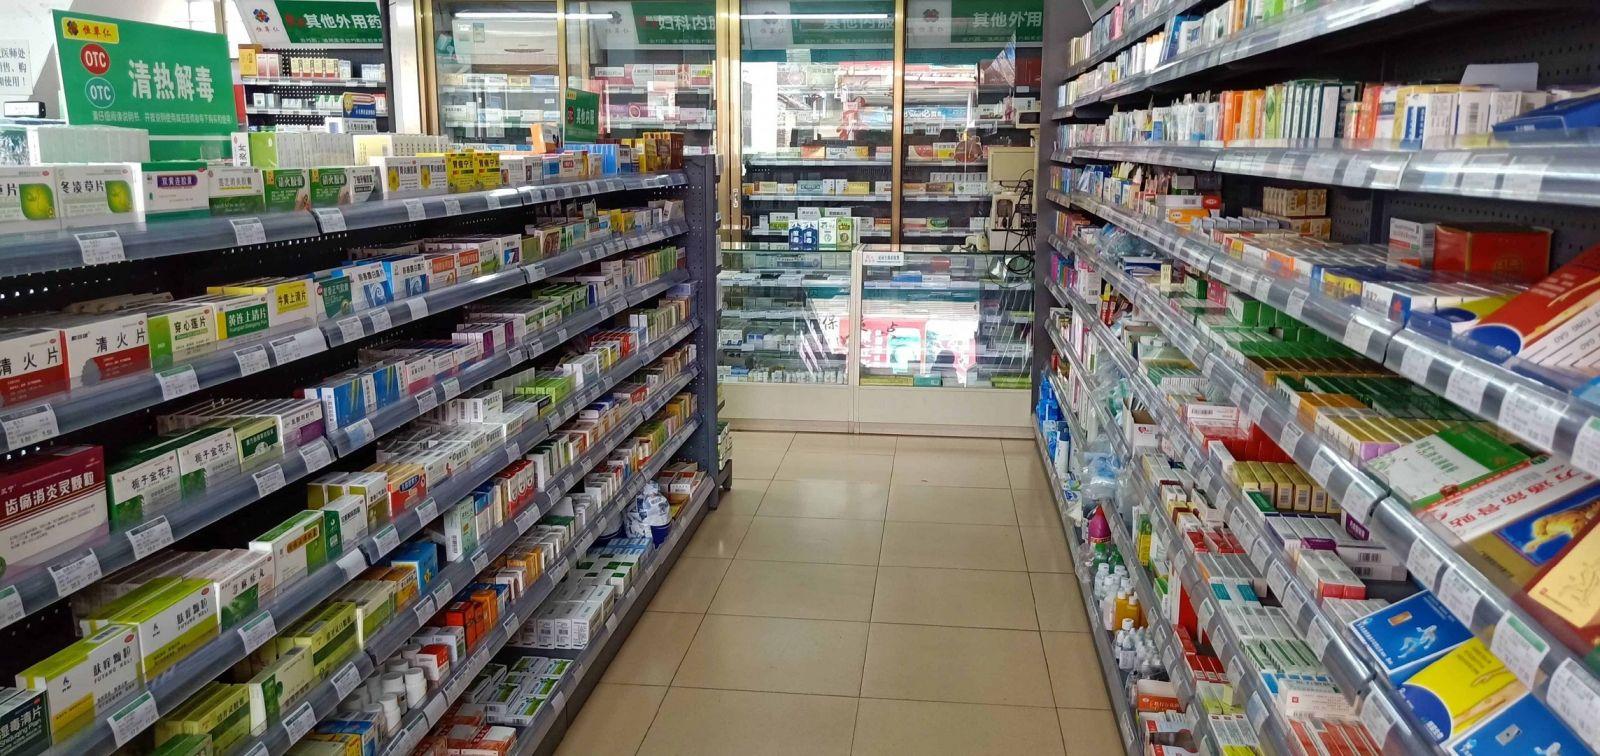 Bên trong một nhà thuốc Nhất Tâm Đường